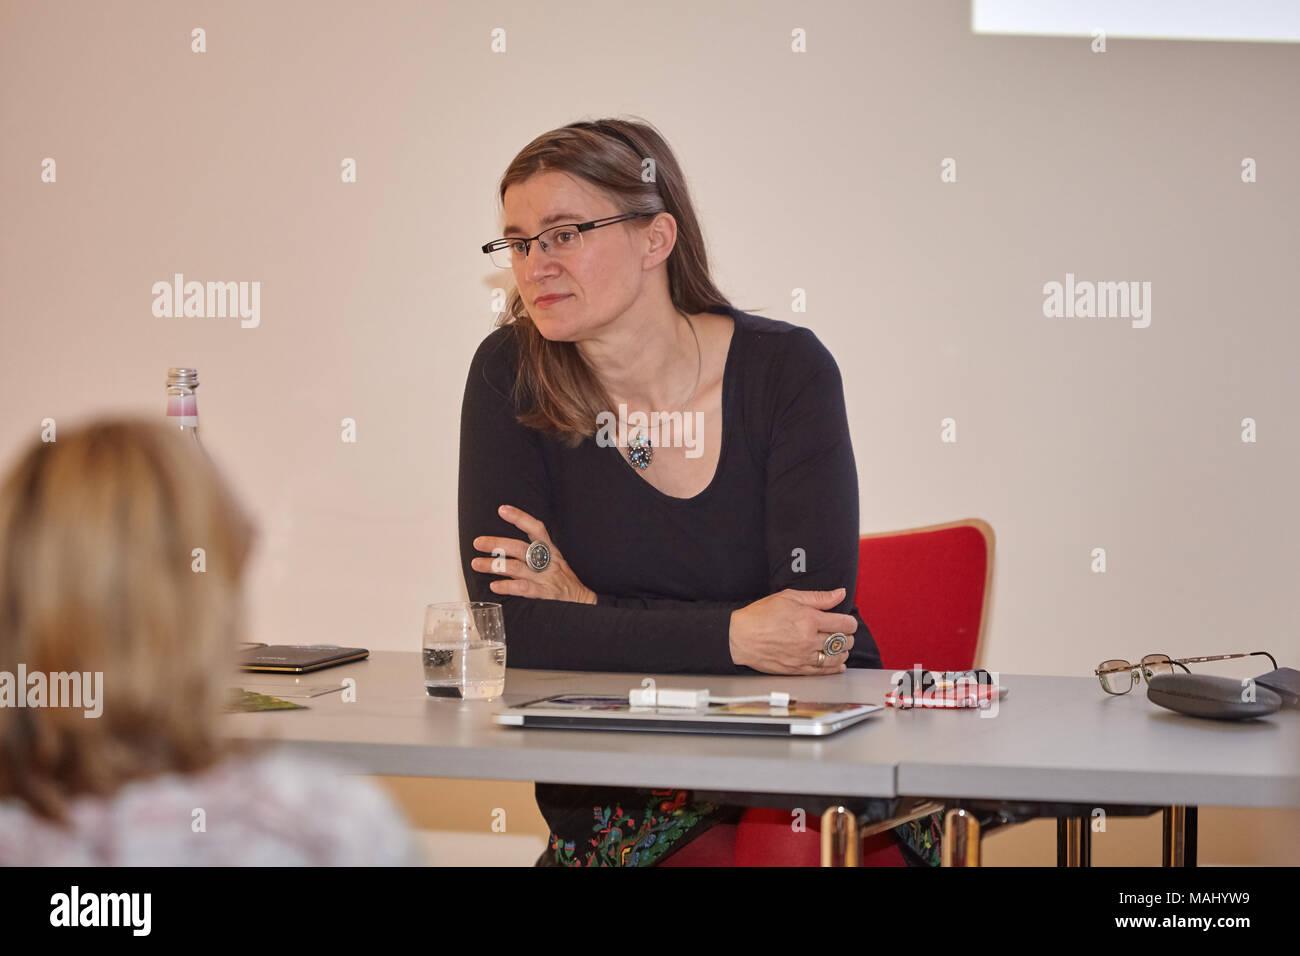 Anke Domscheit-Berg in Muencheberg. Topic: Der Wandel der Arbeitswelt: Welche Zukunft hat Arbeit? Welche Arbeit hat Zukunft? - Stock Image